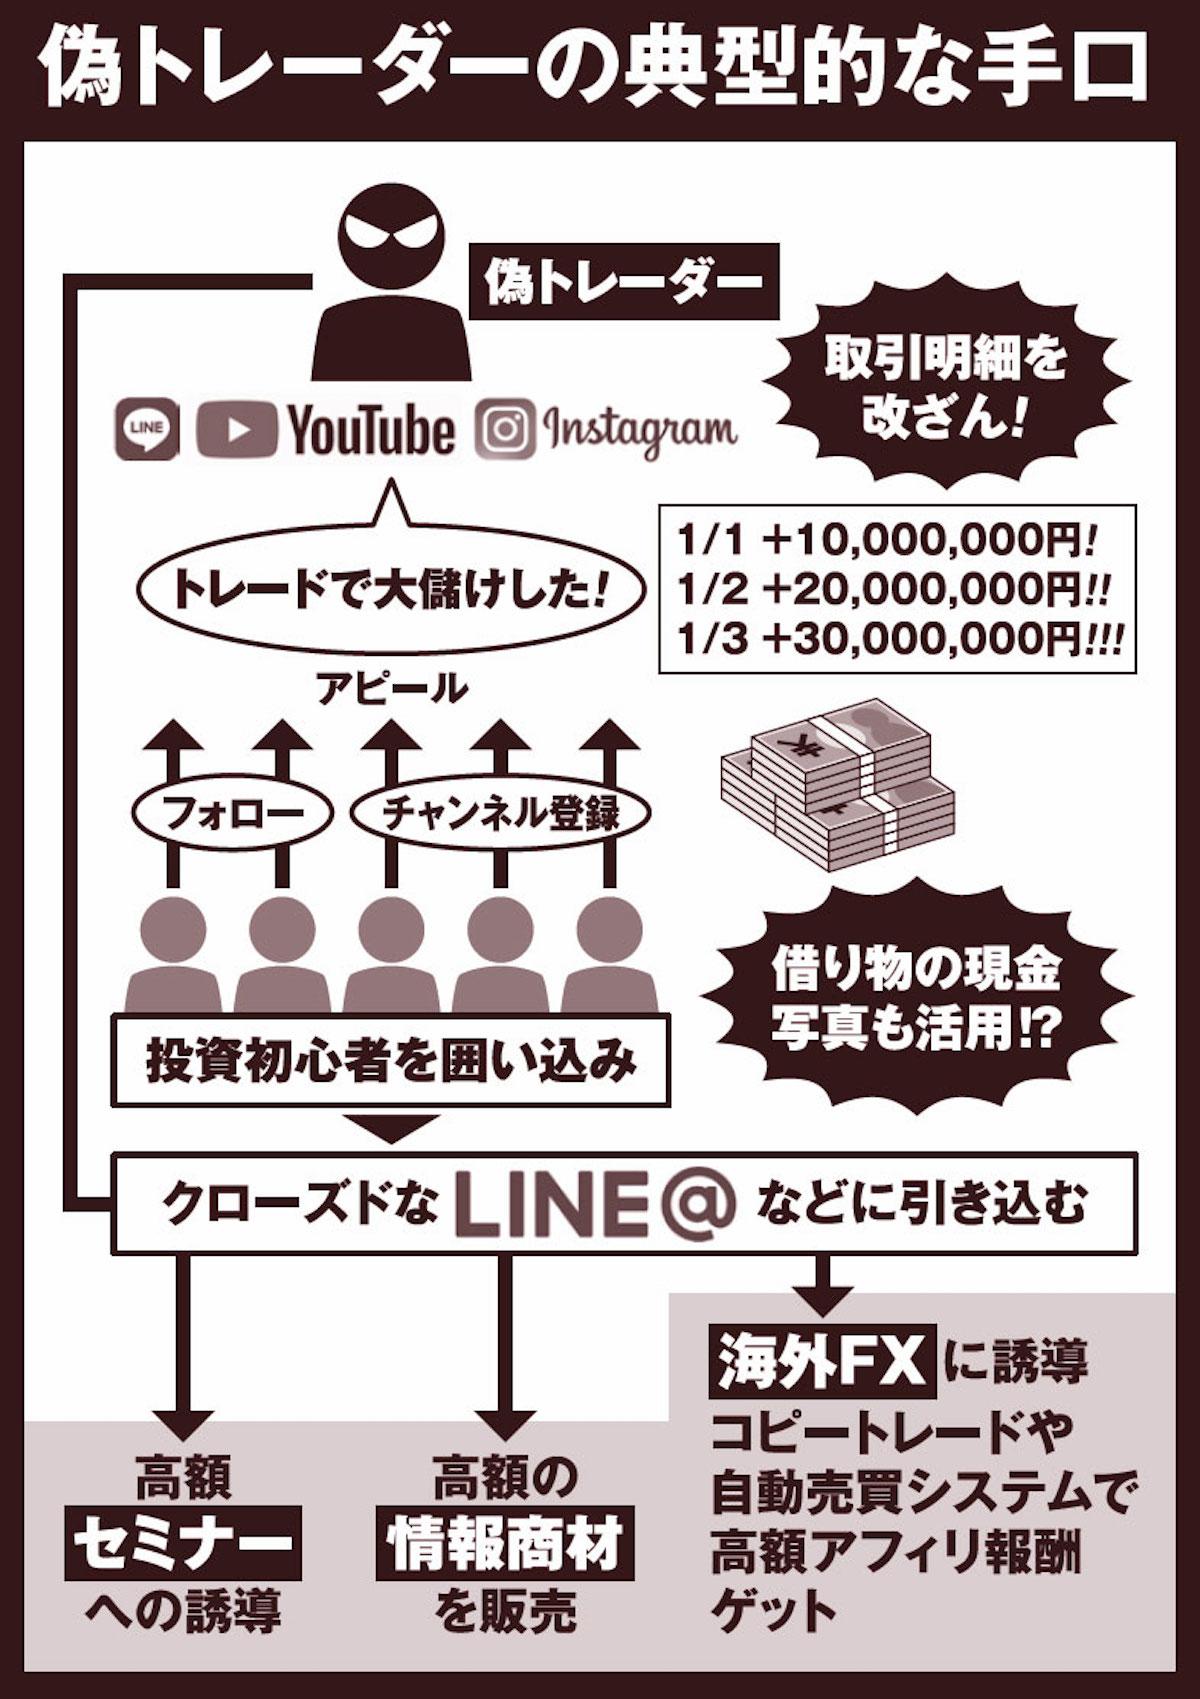 scam - 【最新版】投資系YouTuberおすすめチャンネルランキングまとめ【日本株・米国株・不動産・勢力図】